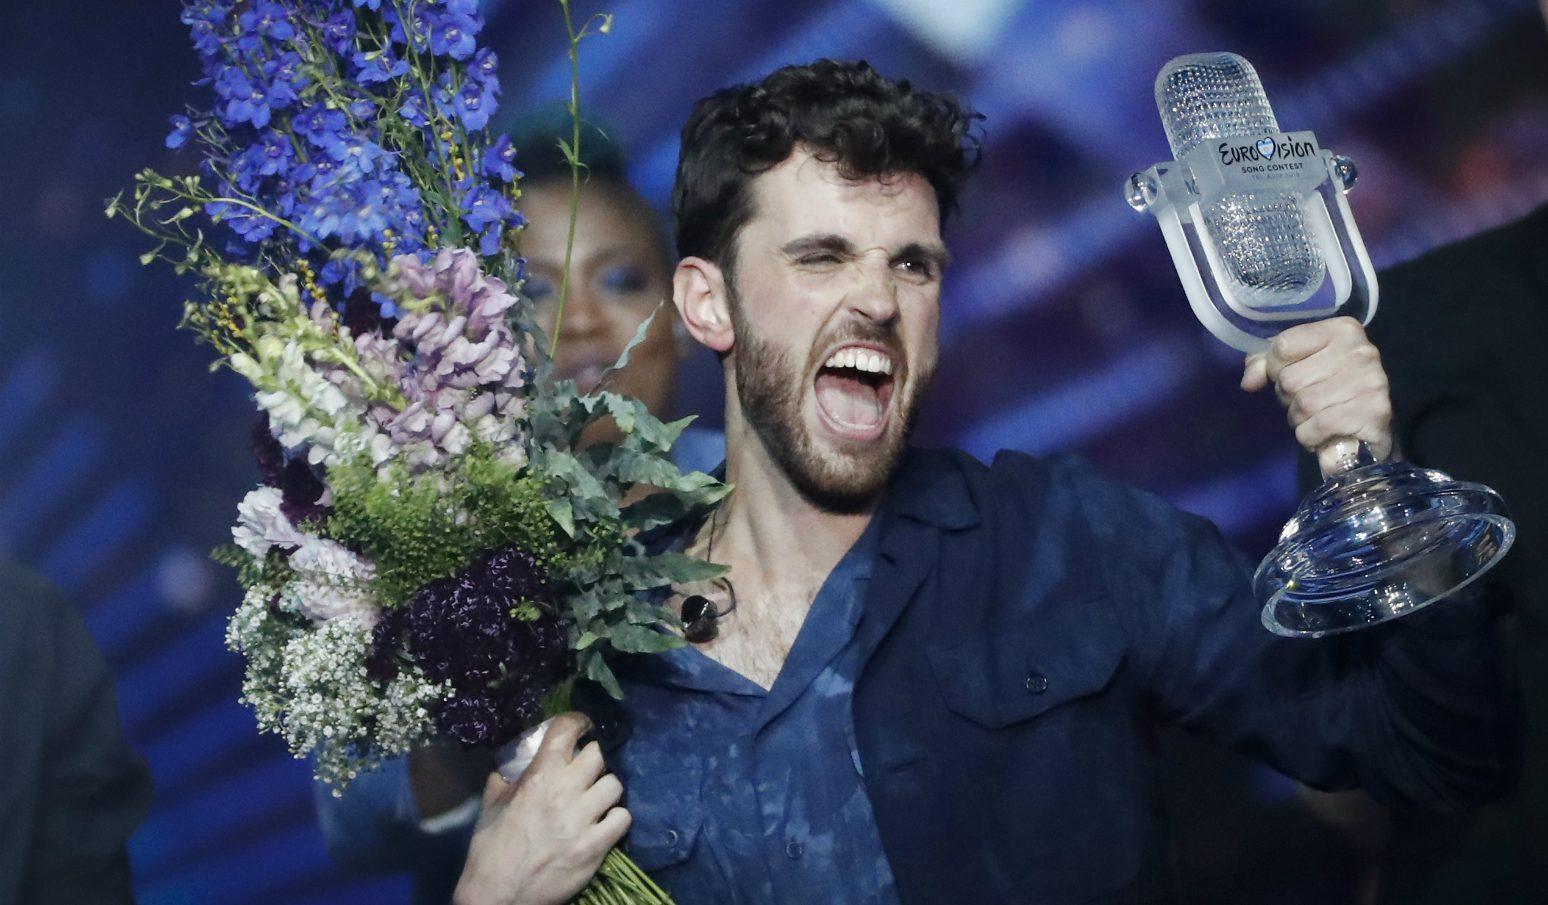 Eurovision'un Biseksüel Galibinden LGBT'ye Mesaj